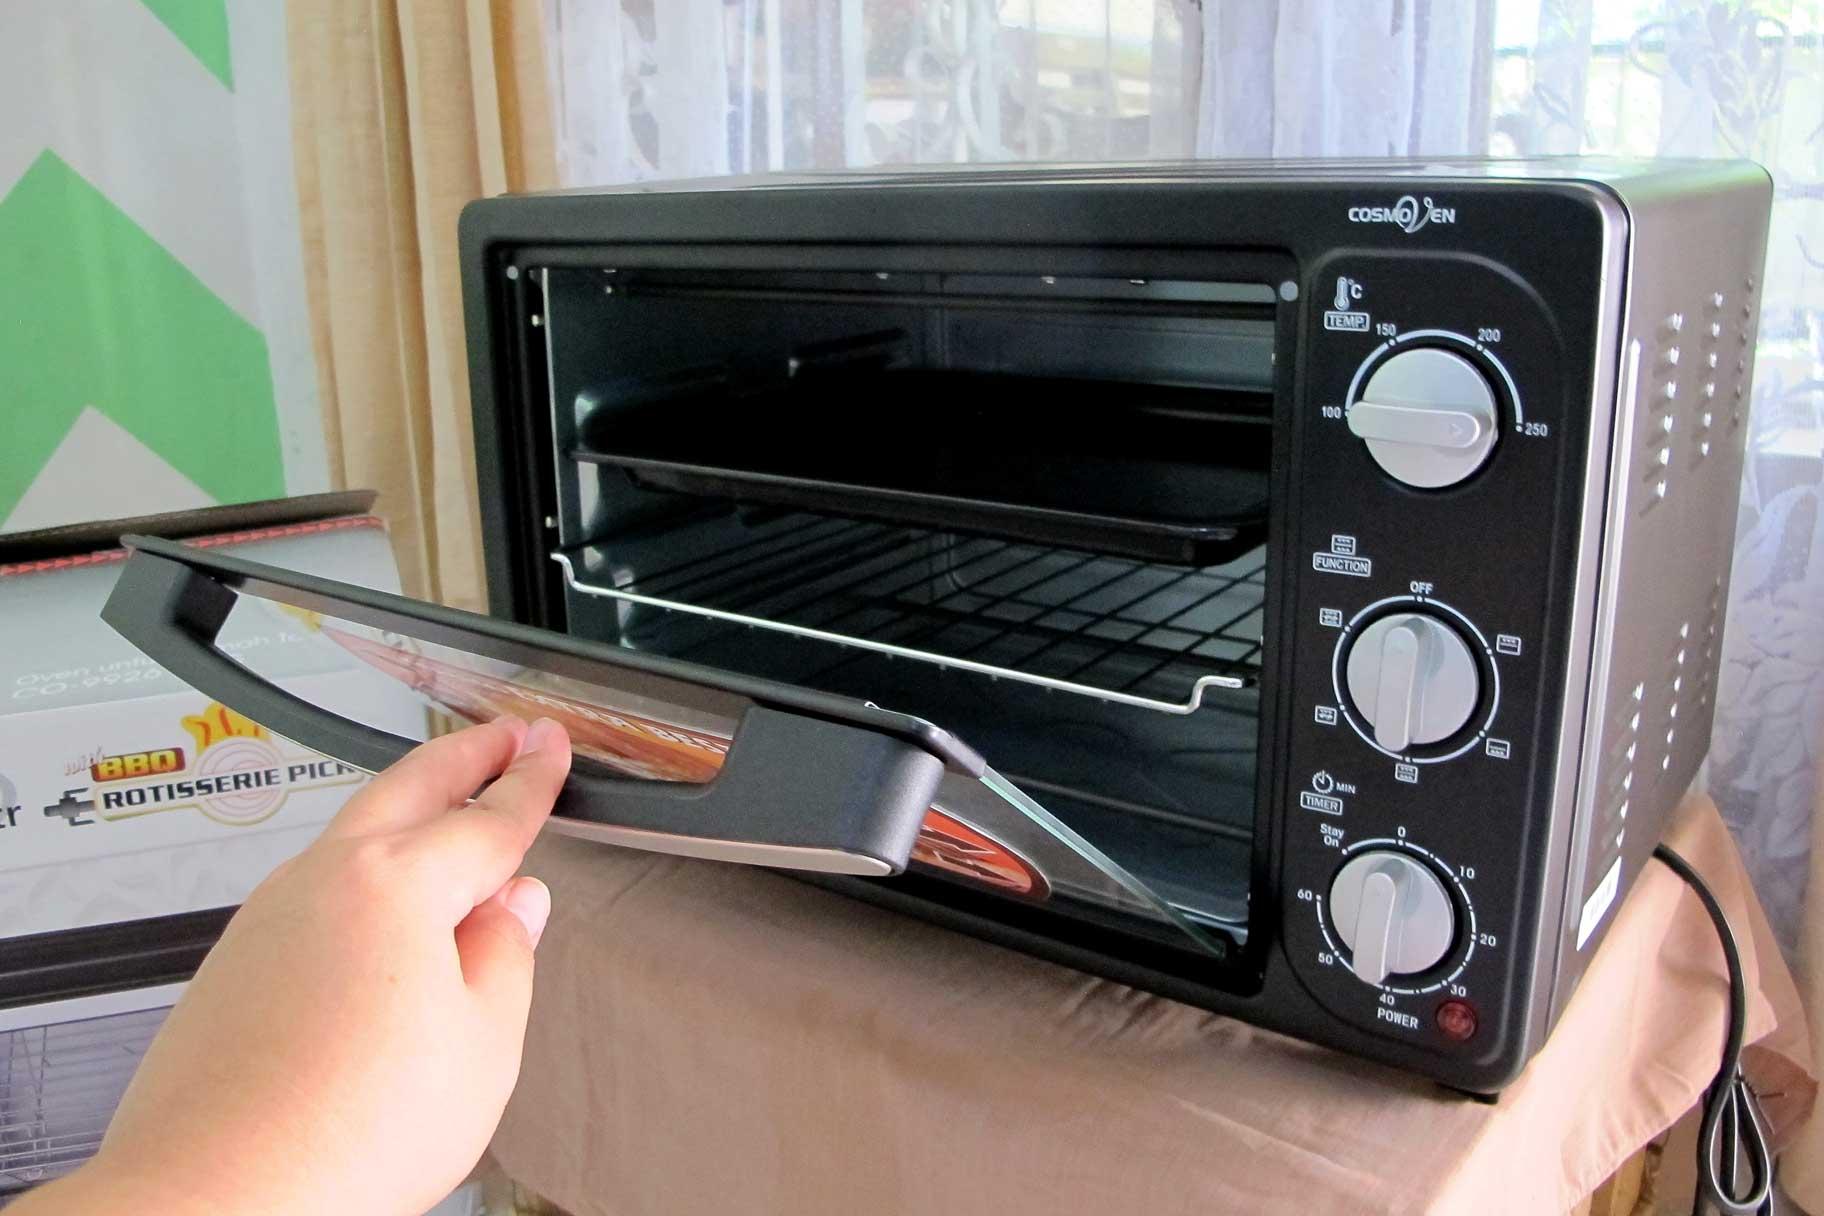 Oven Cosmos CO-9926 RCG dilengkapi dengan pengatur suhu dan waktu